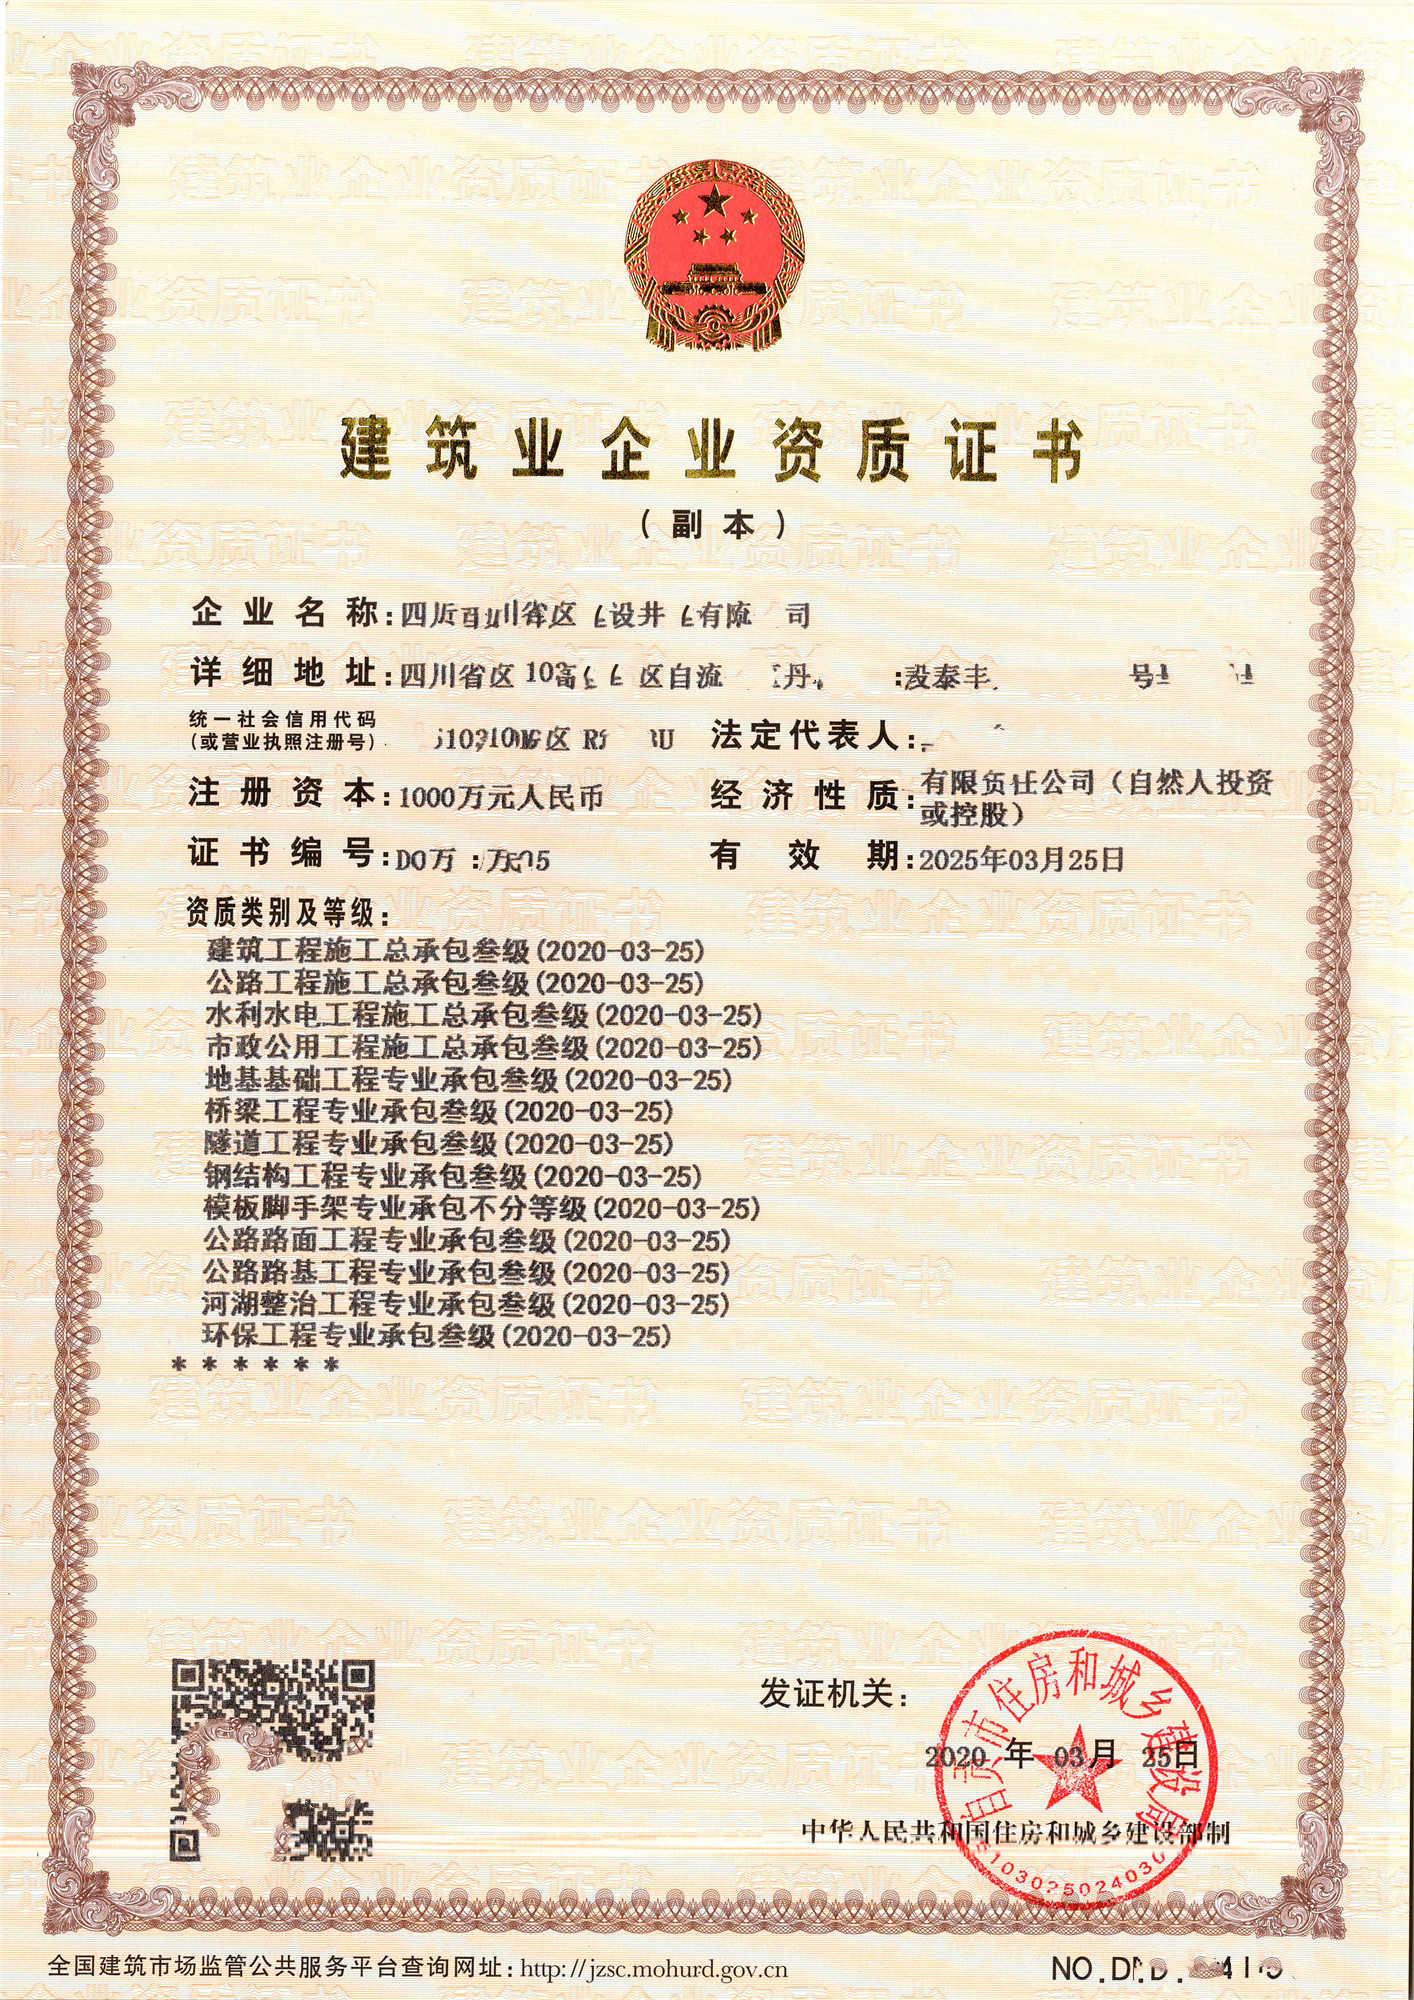 http://www.qwican.com/xiuxianlvyou/4536960.html